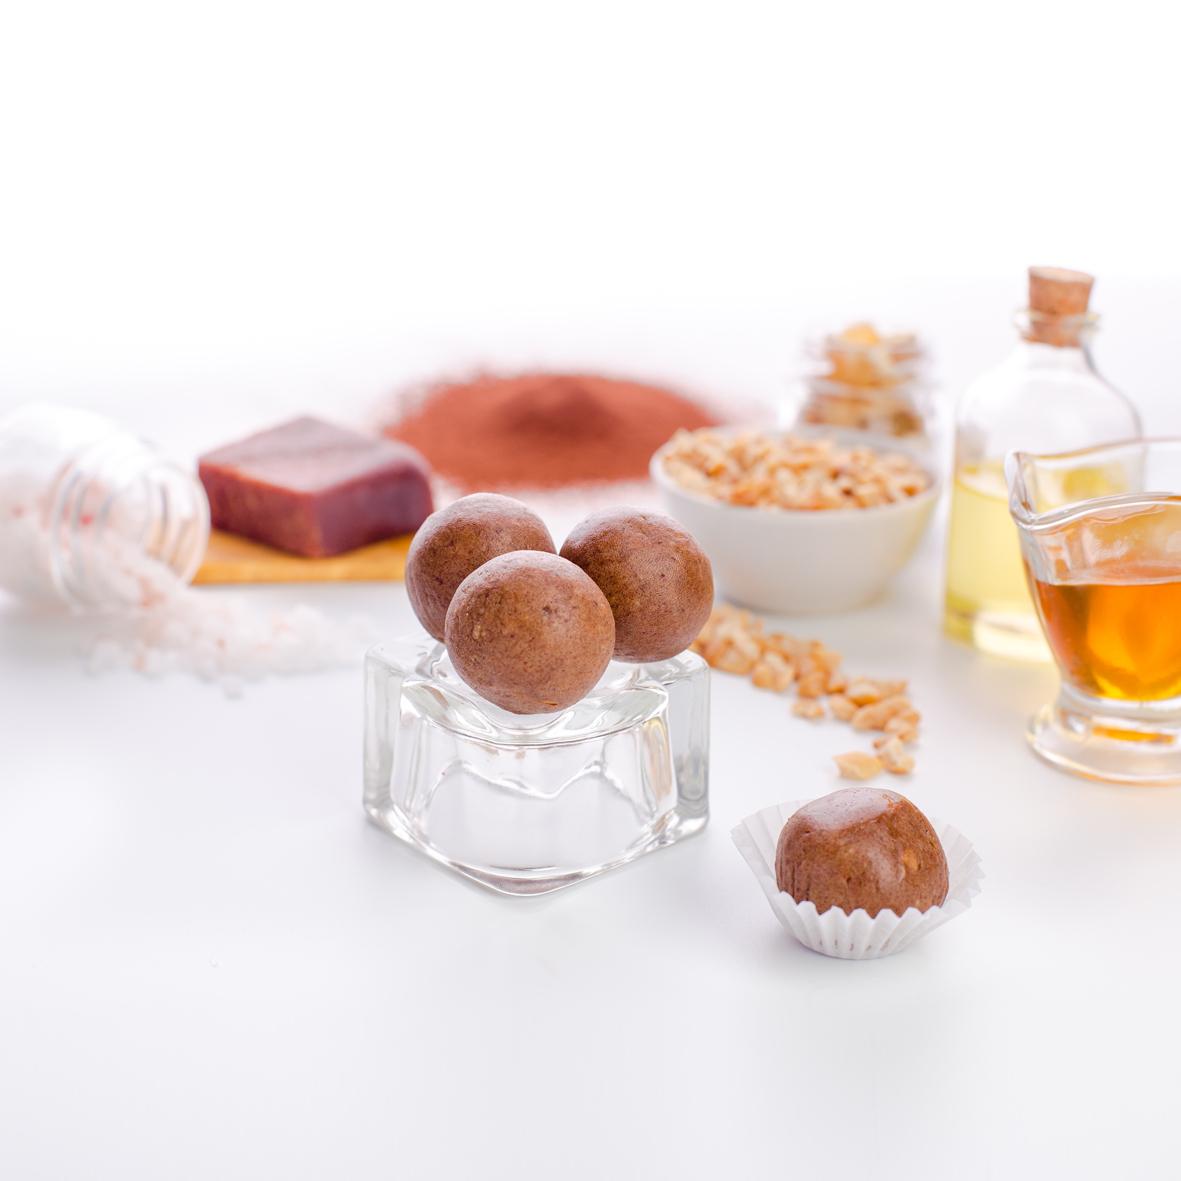 Набор полезных конфет UMP PREMIUM PROTEIN Конфеты орехово-фруктовые Протеин семян конопли (12 упаковок по 2 конфеты)